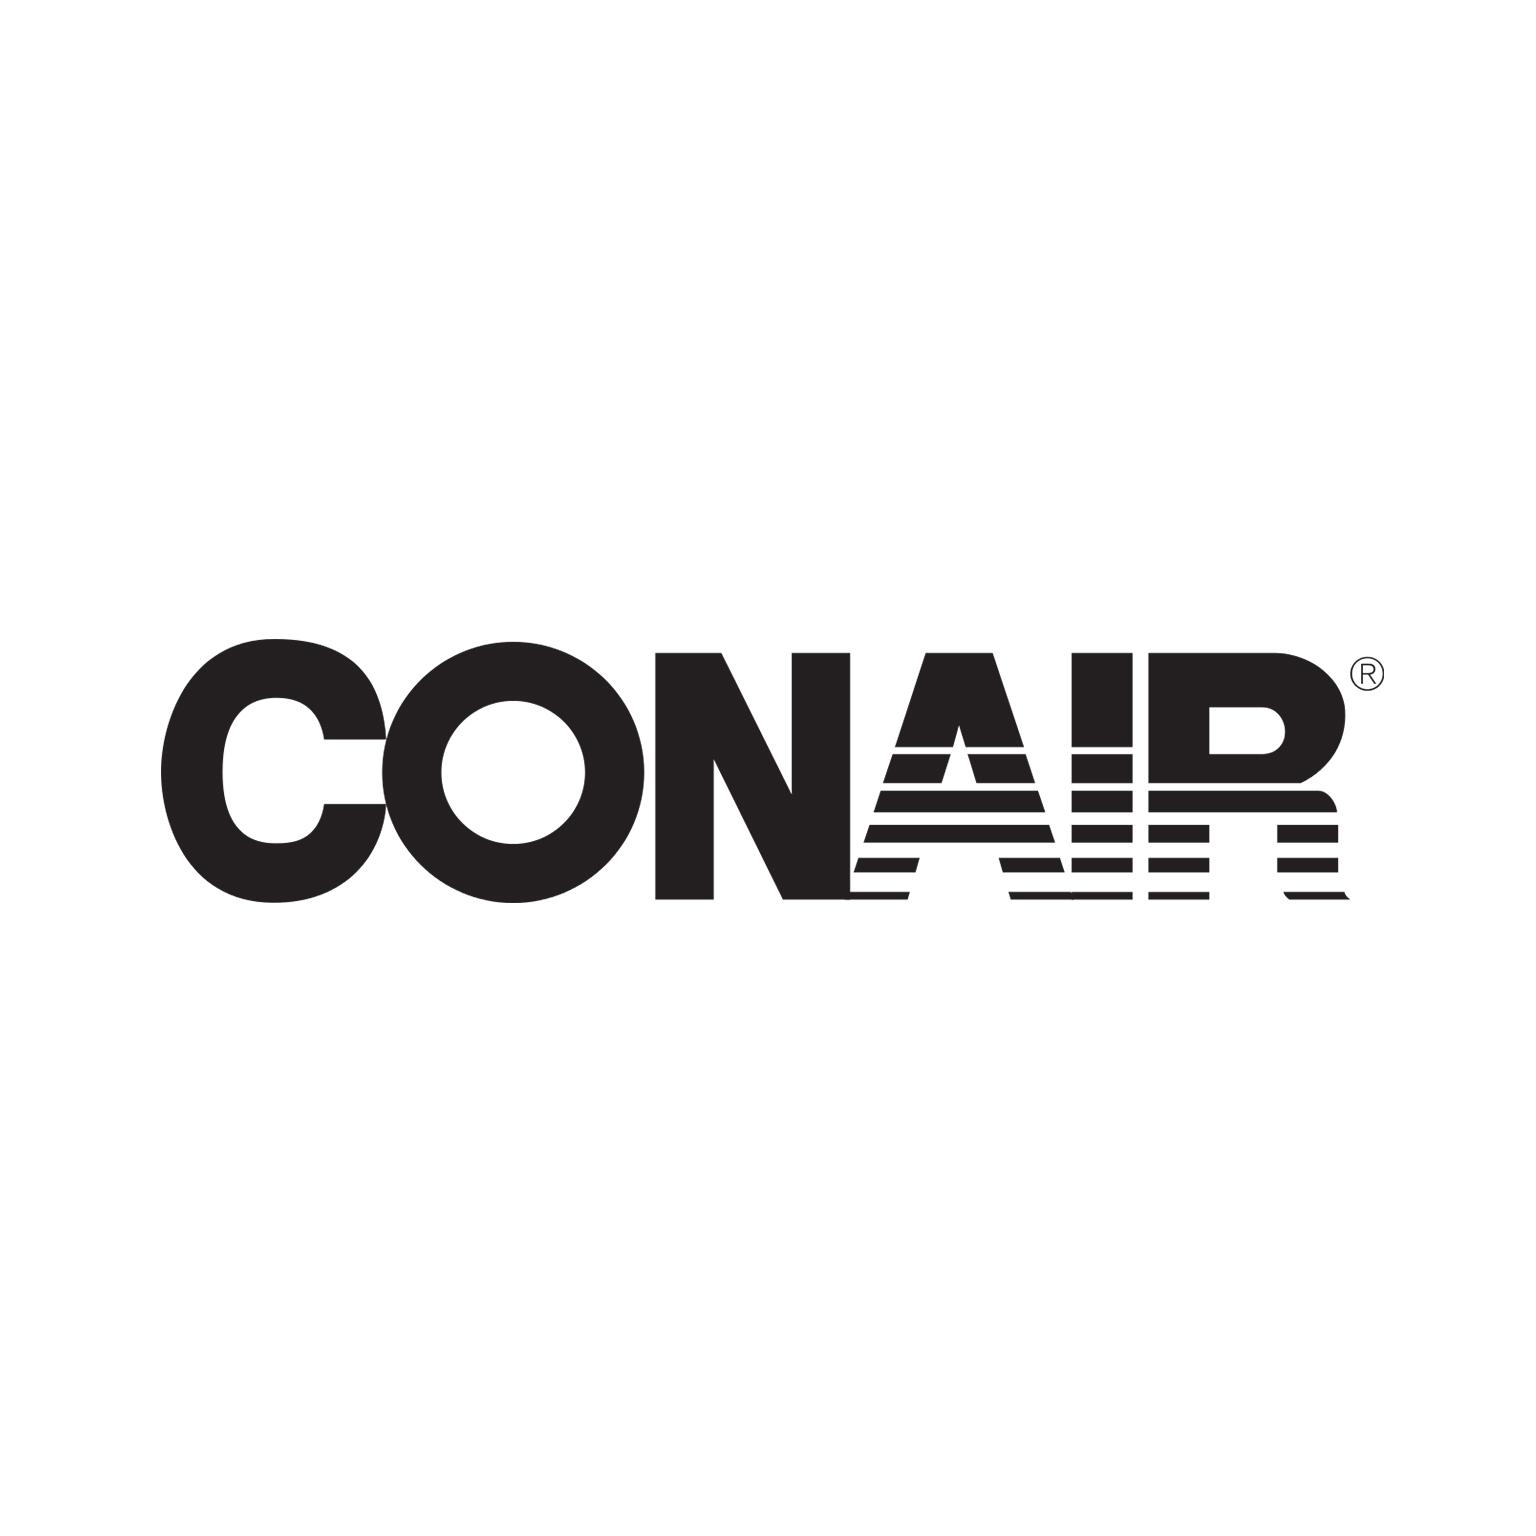 Conair.jpg